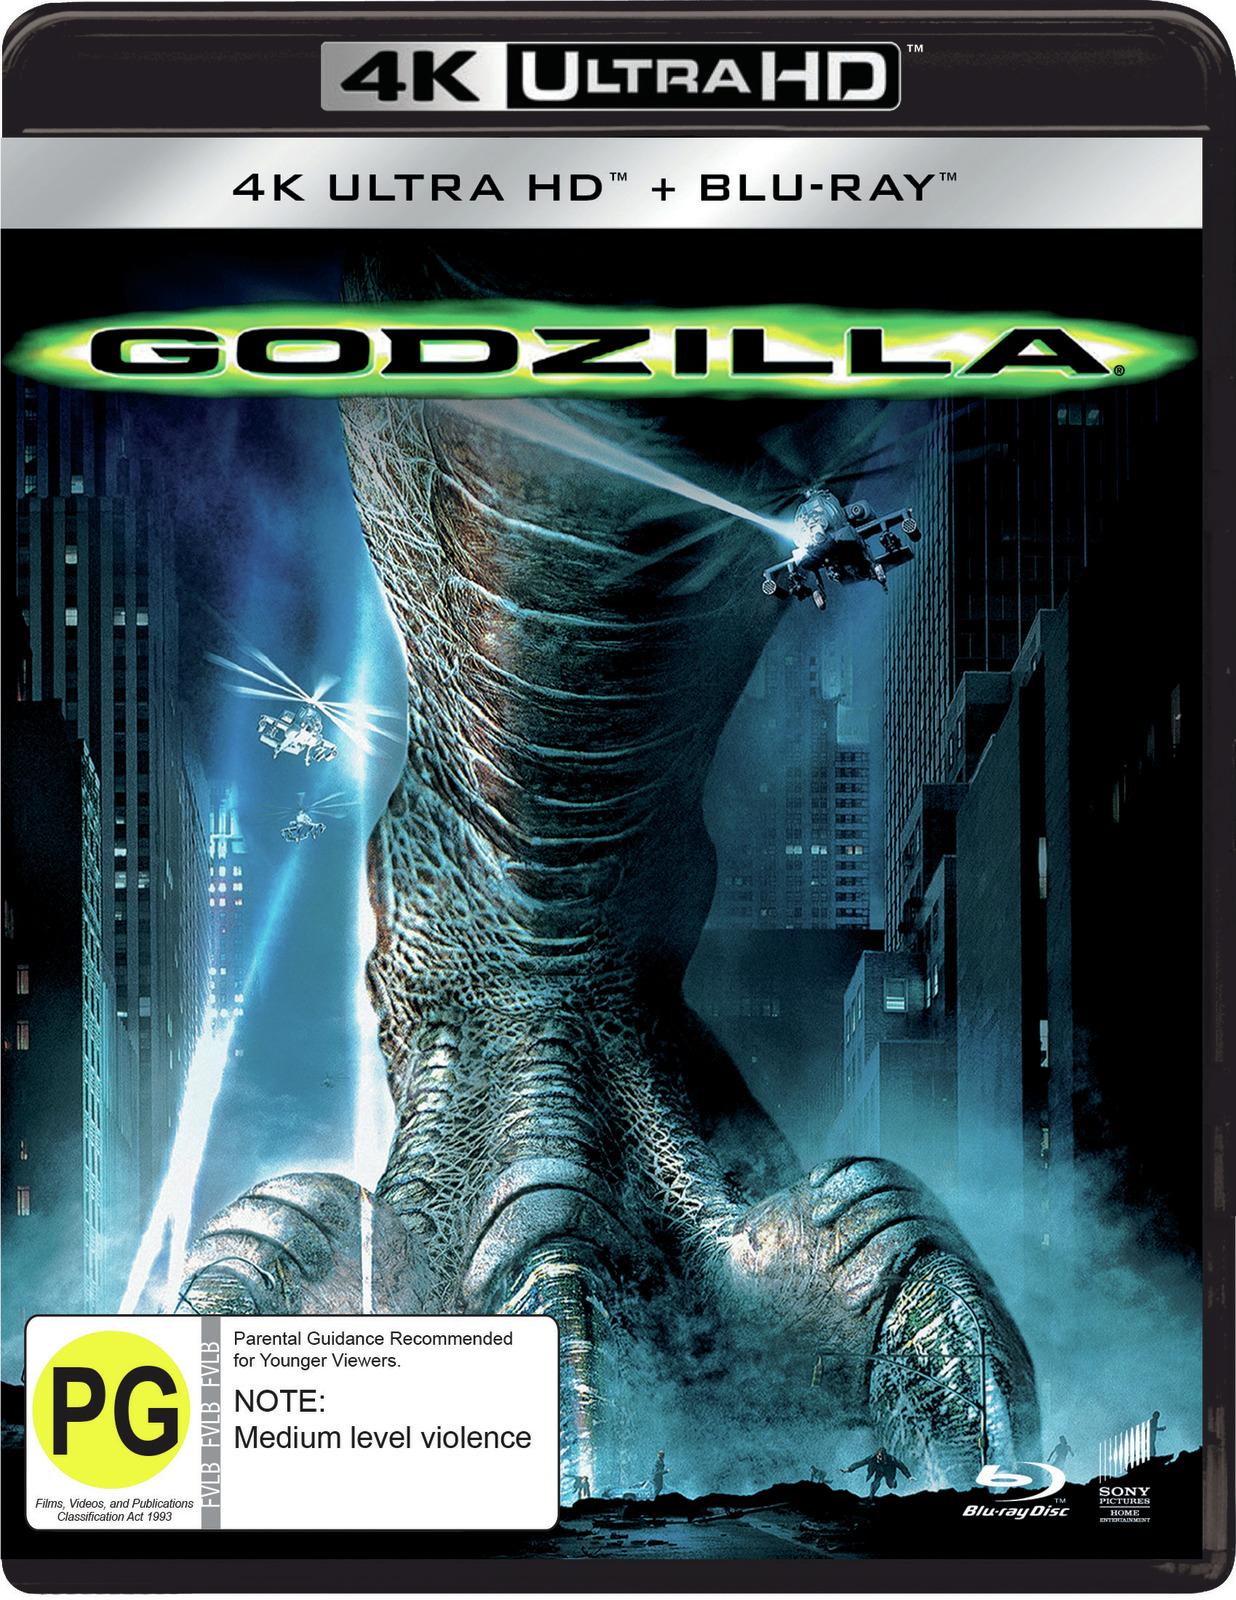 Godzilla on UHD Blu-ray image